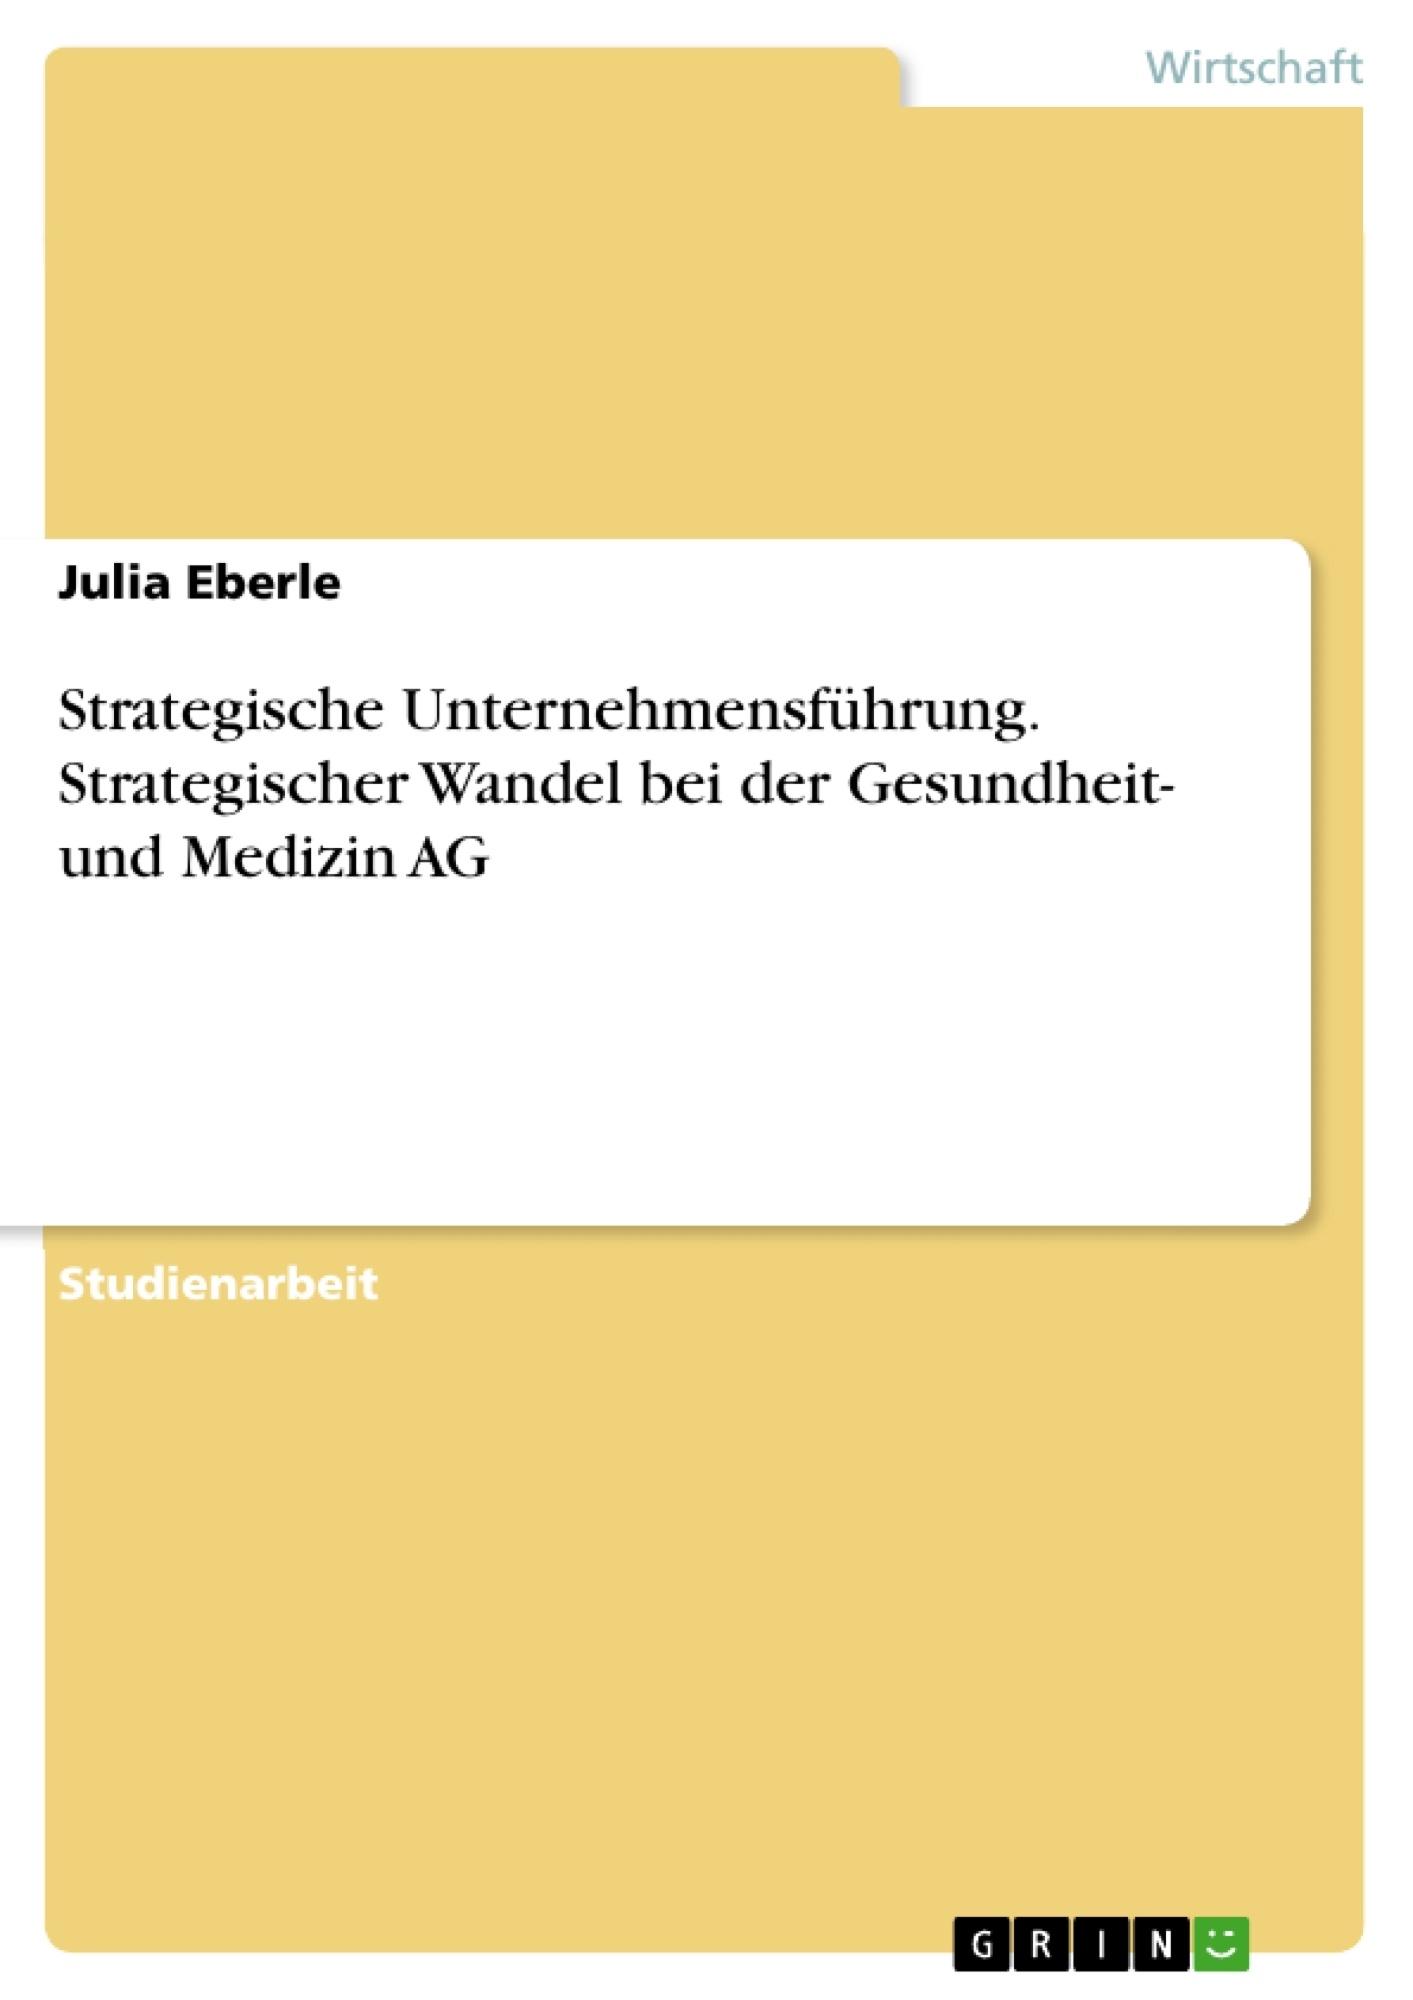 Titre: Strategische Unternehmensführung. Strategischer Wandel bei der Gesundheit- und Medizin AG